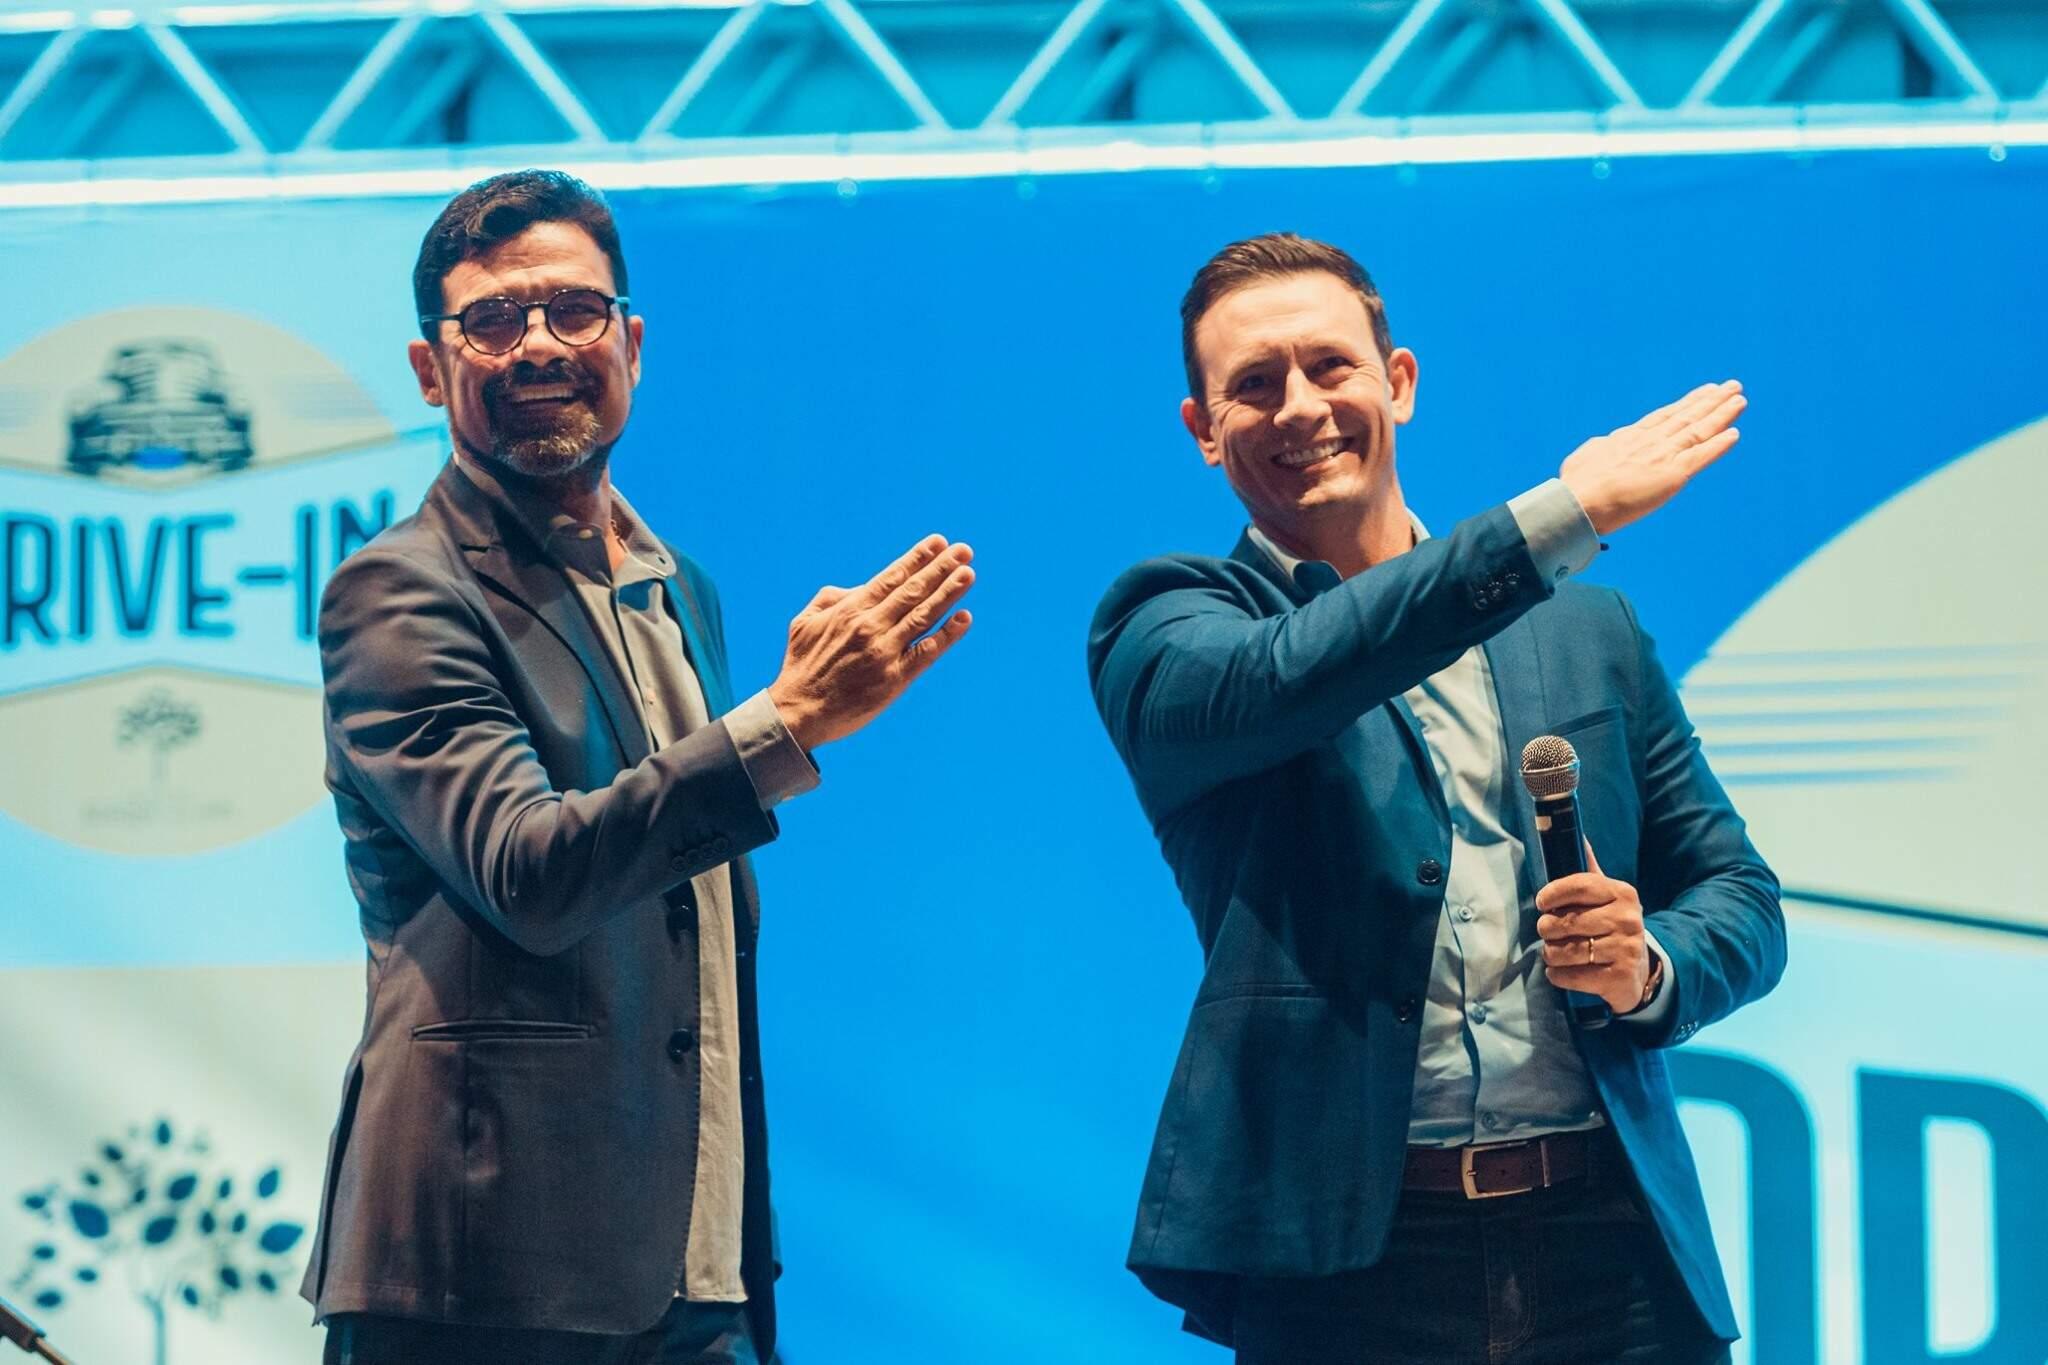 À esquerda o candidato Sérgio Harfouche, ao lado de seu vice, o vereador André Salineiro (Foto: Reprodução/Facebook)